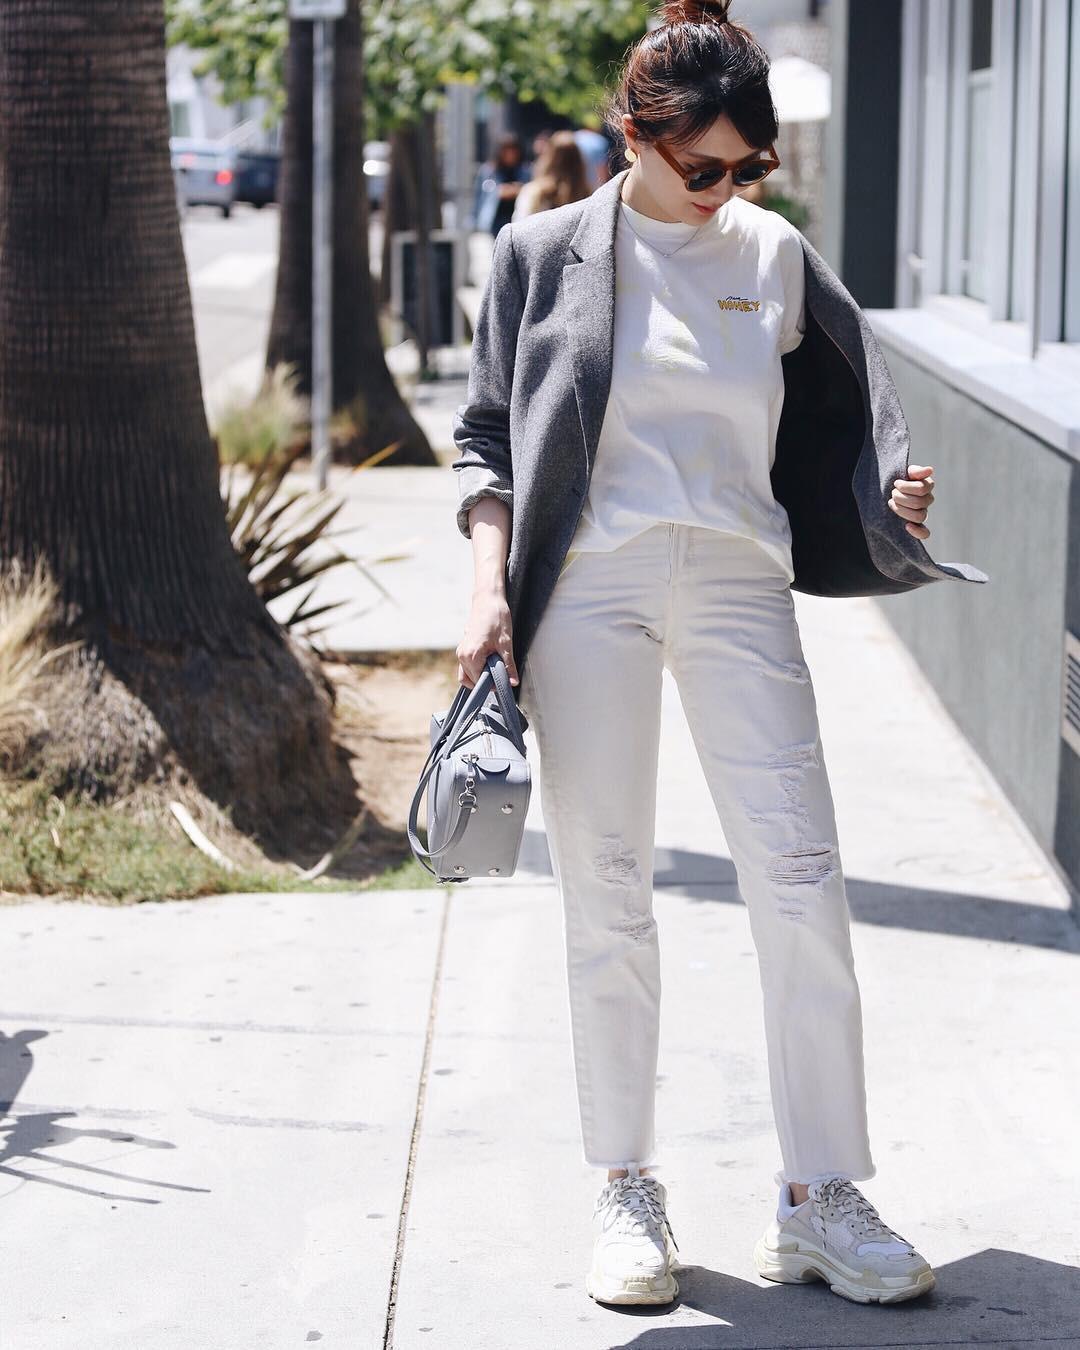 Có một kiểu quần mà các nàng cứ diện lên sẽ trẻ trung và nữ tính hơn bội phần, đó chính là quần jeans trắng - 15